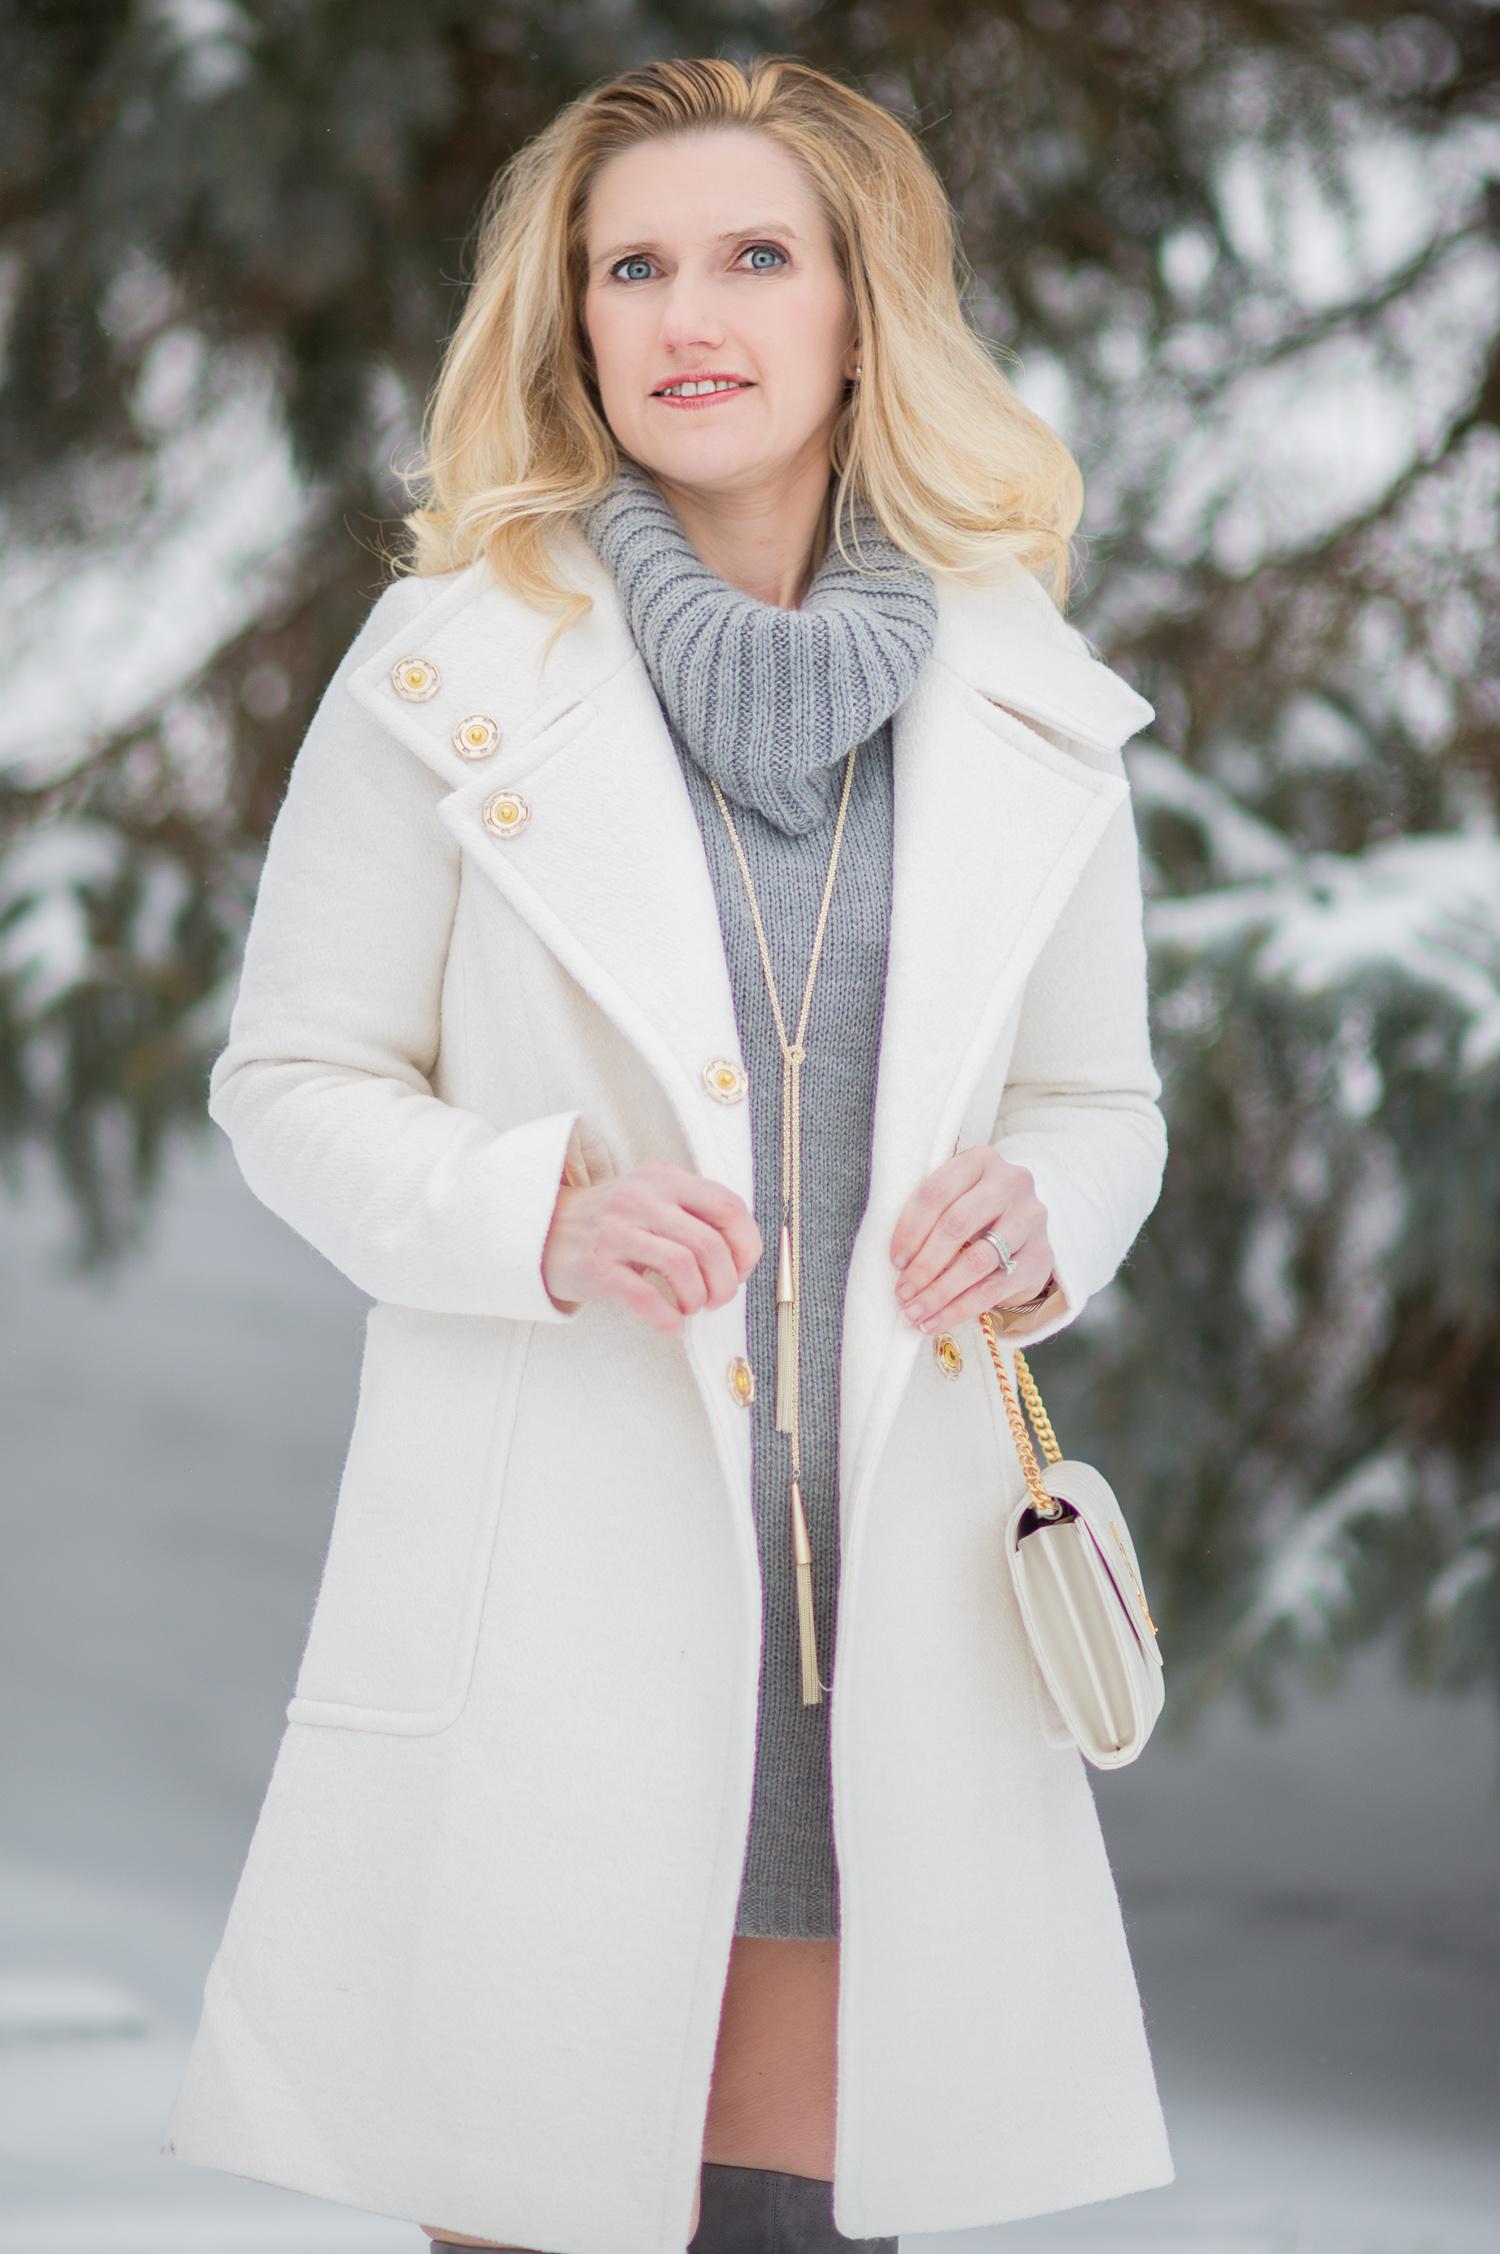 acee059fa754 Petite Fashion and Style Blog